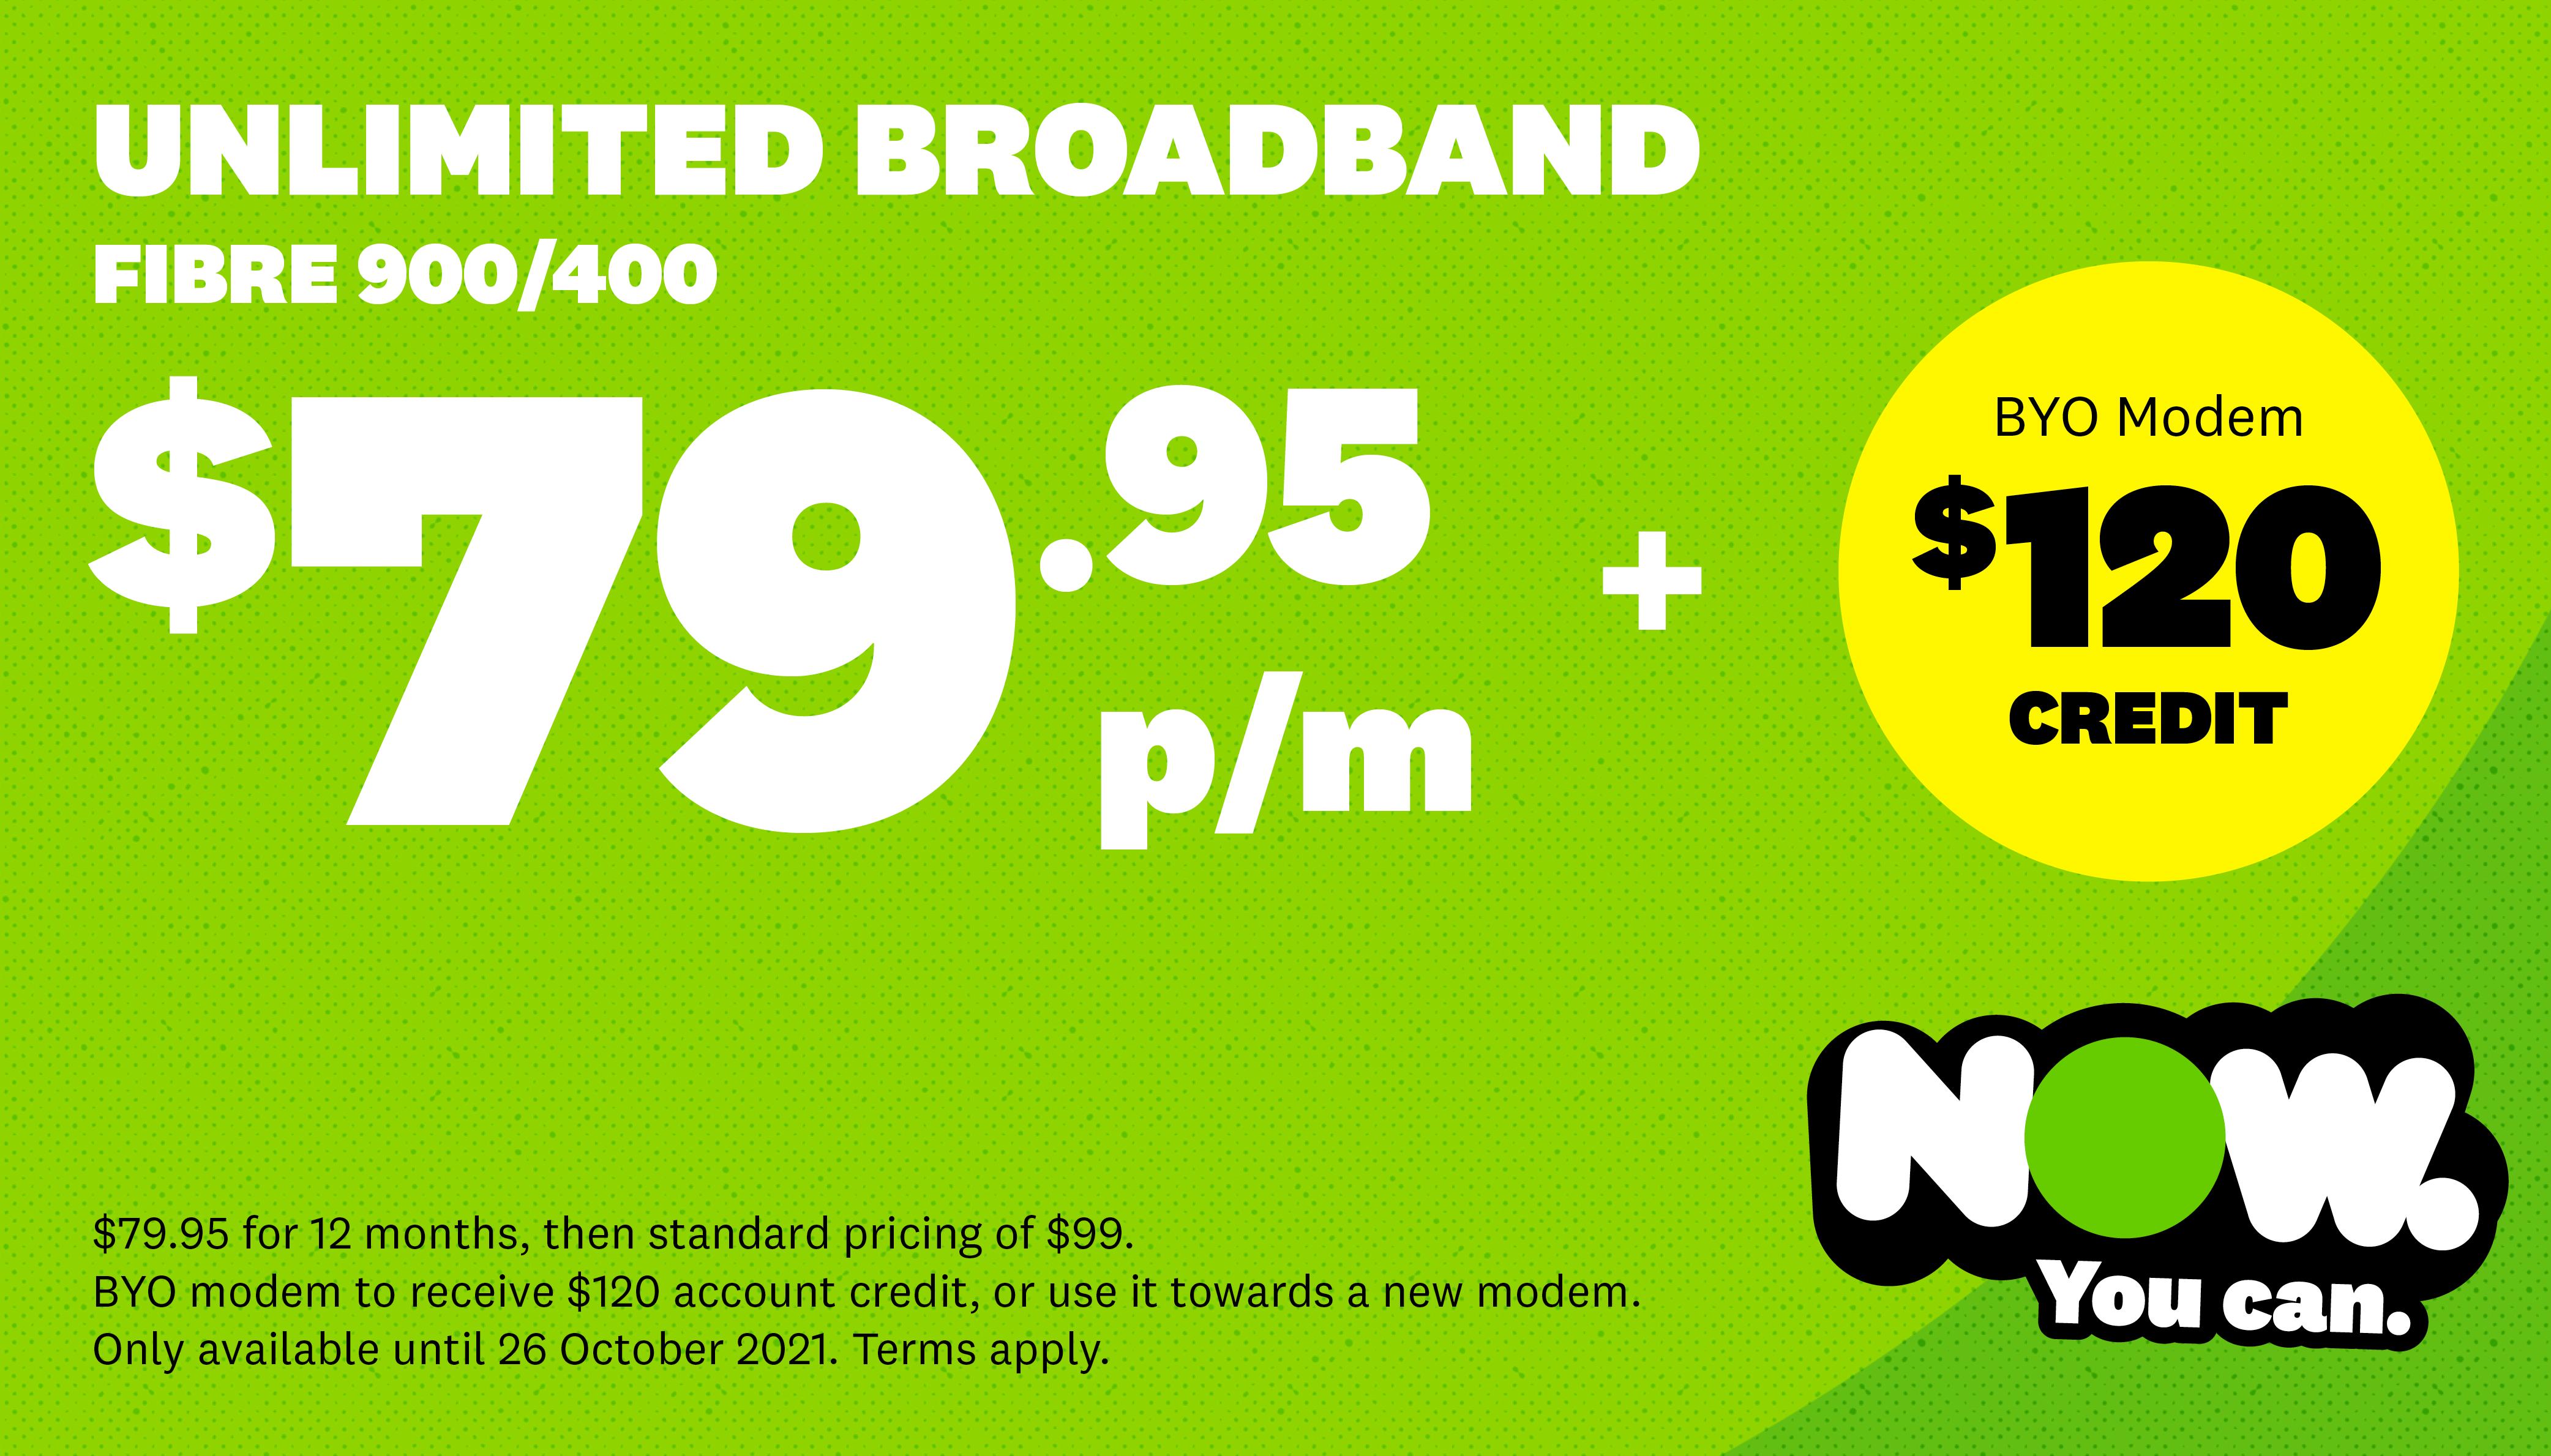 NOW Broadband - Exclusive Gigabit Offer